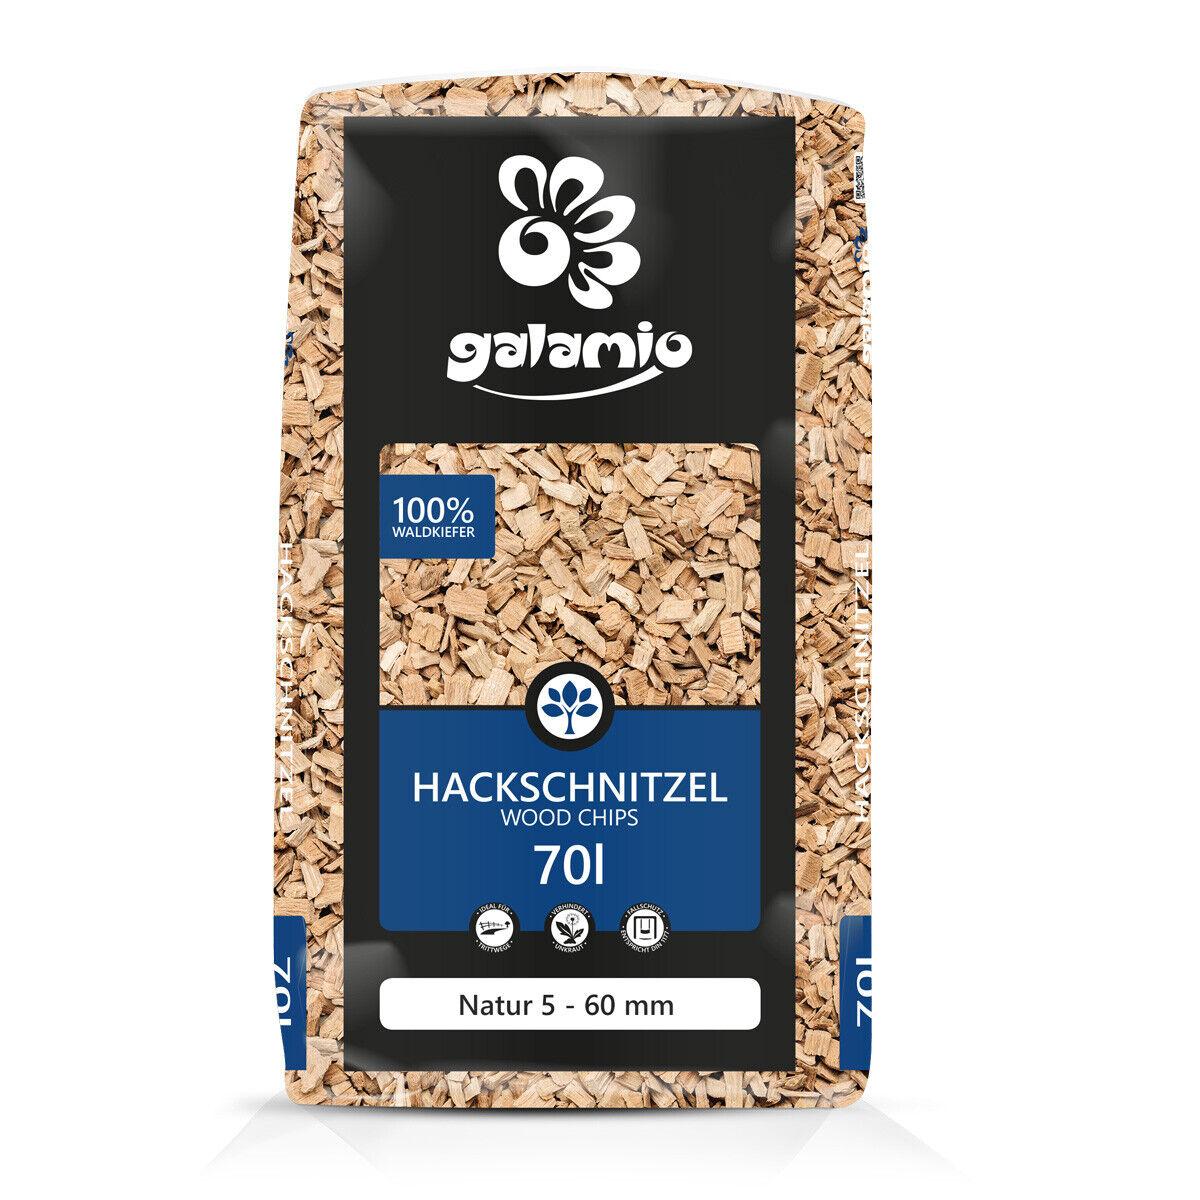 Holzhackschnitzel Hackschnitzel Mulch Holz Kiefer Häcksel Natur Grob 70l Sack